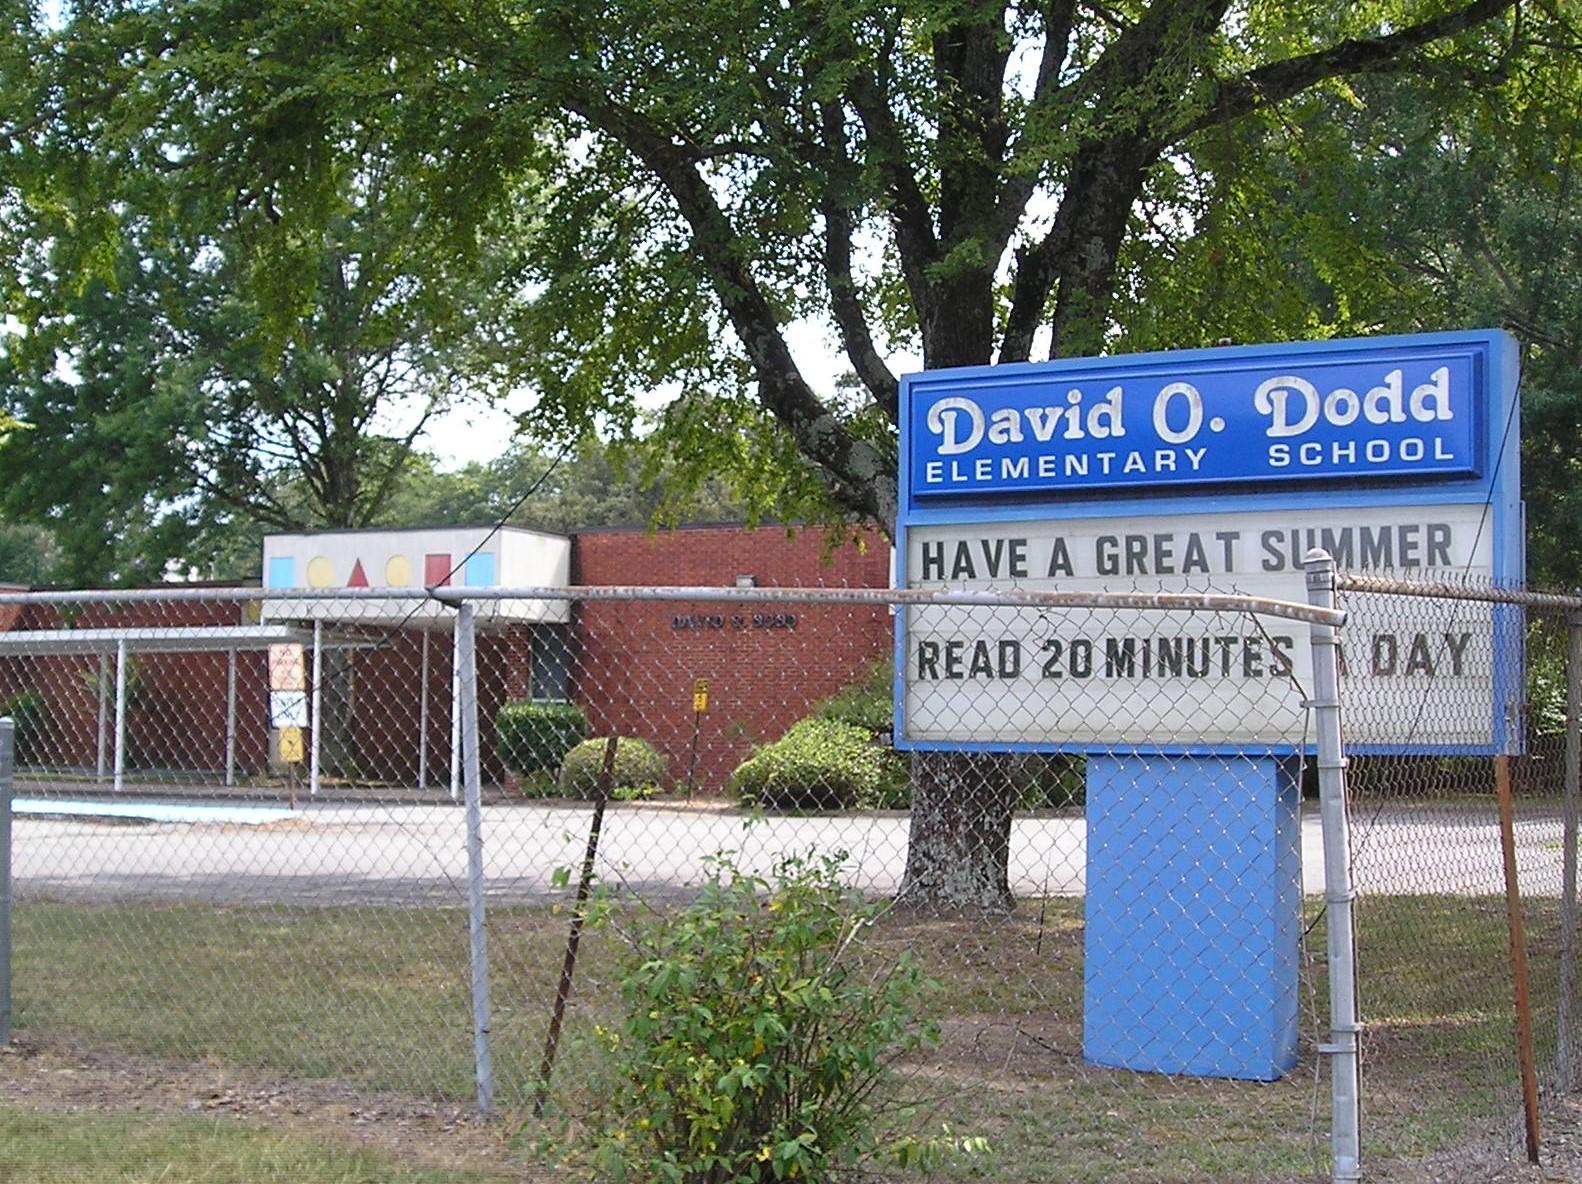 David O. Dodd Elementary School